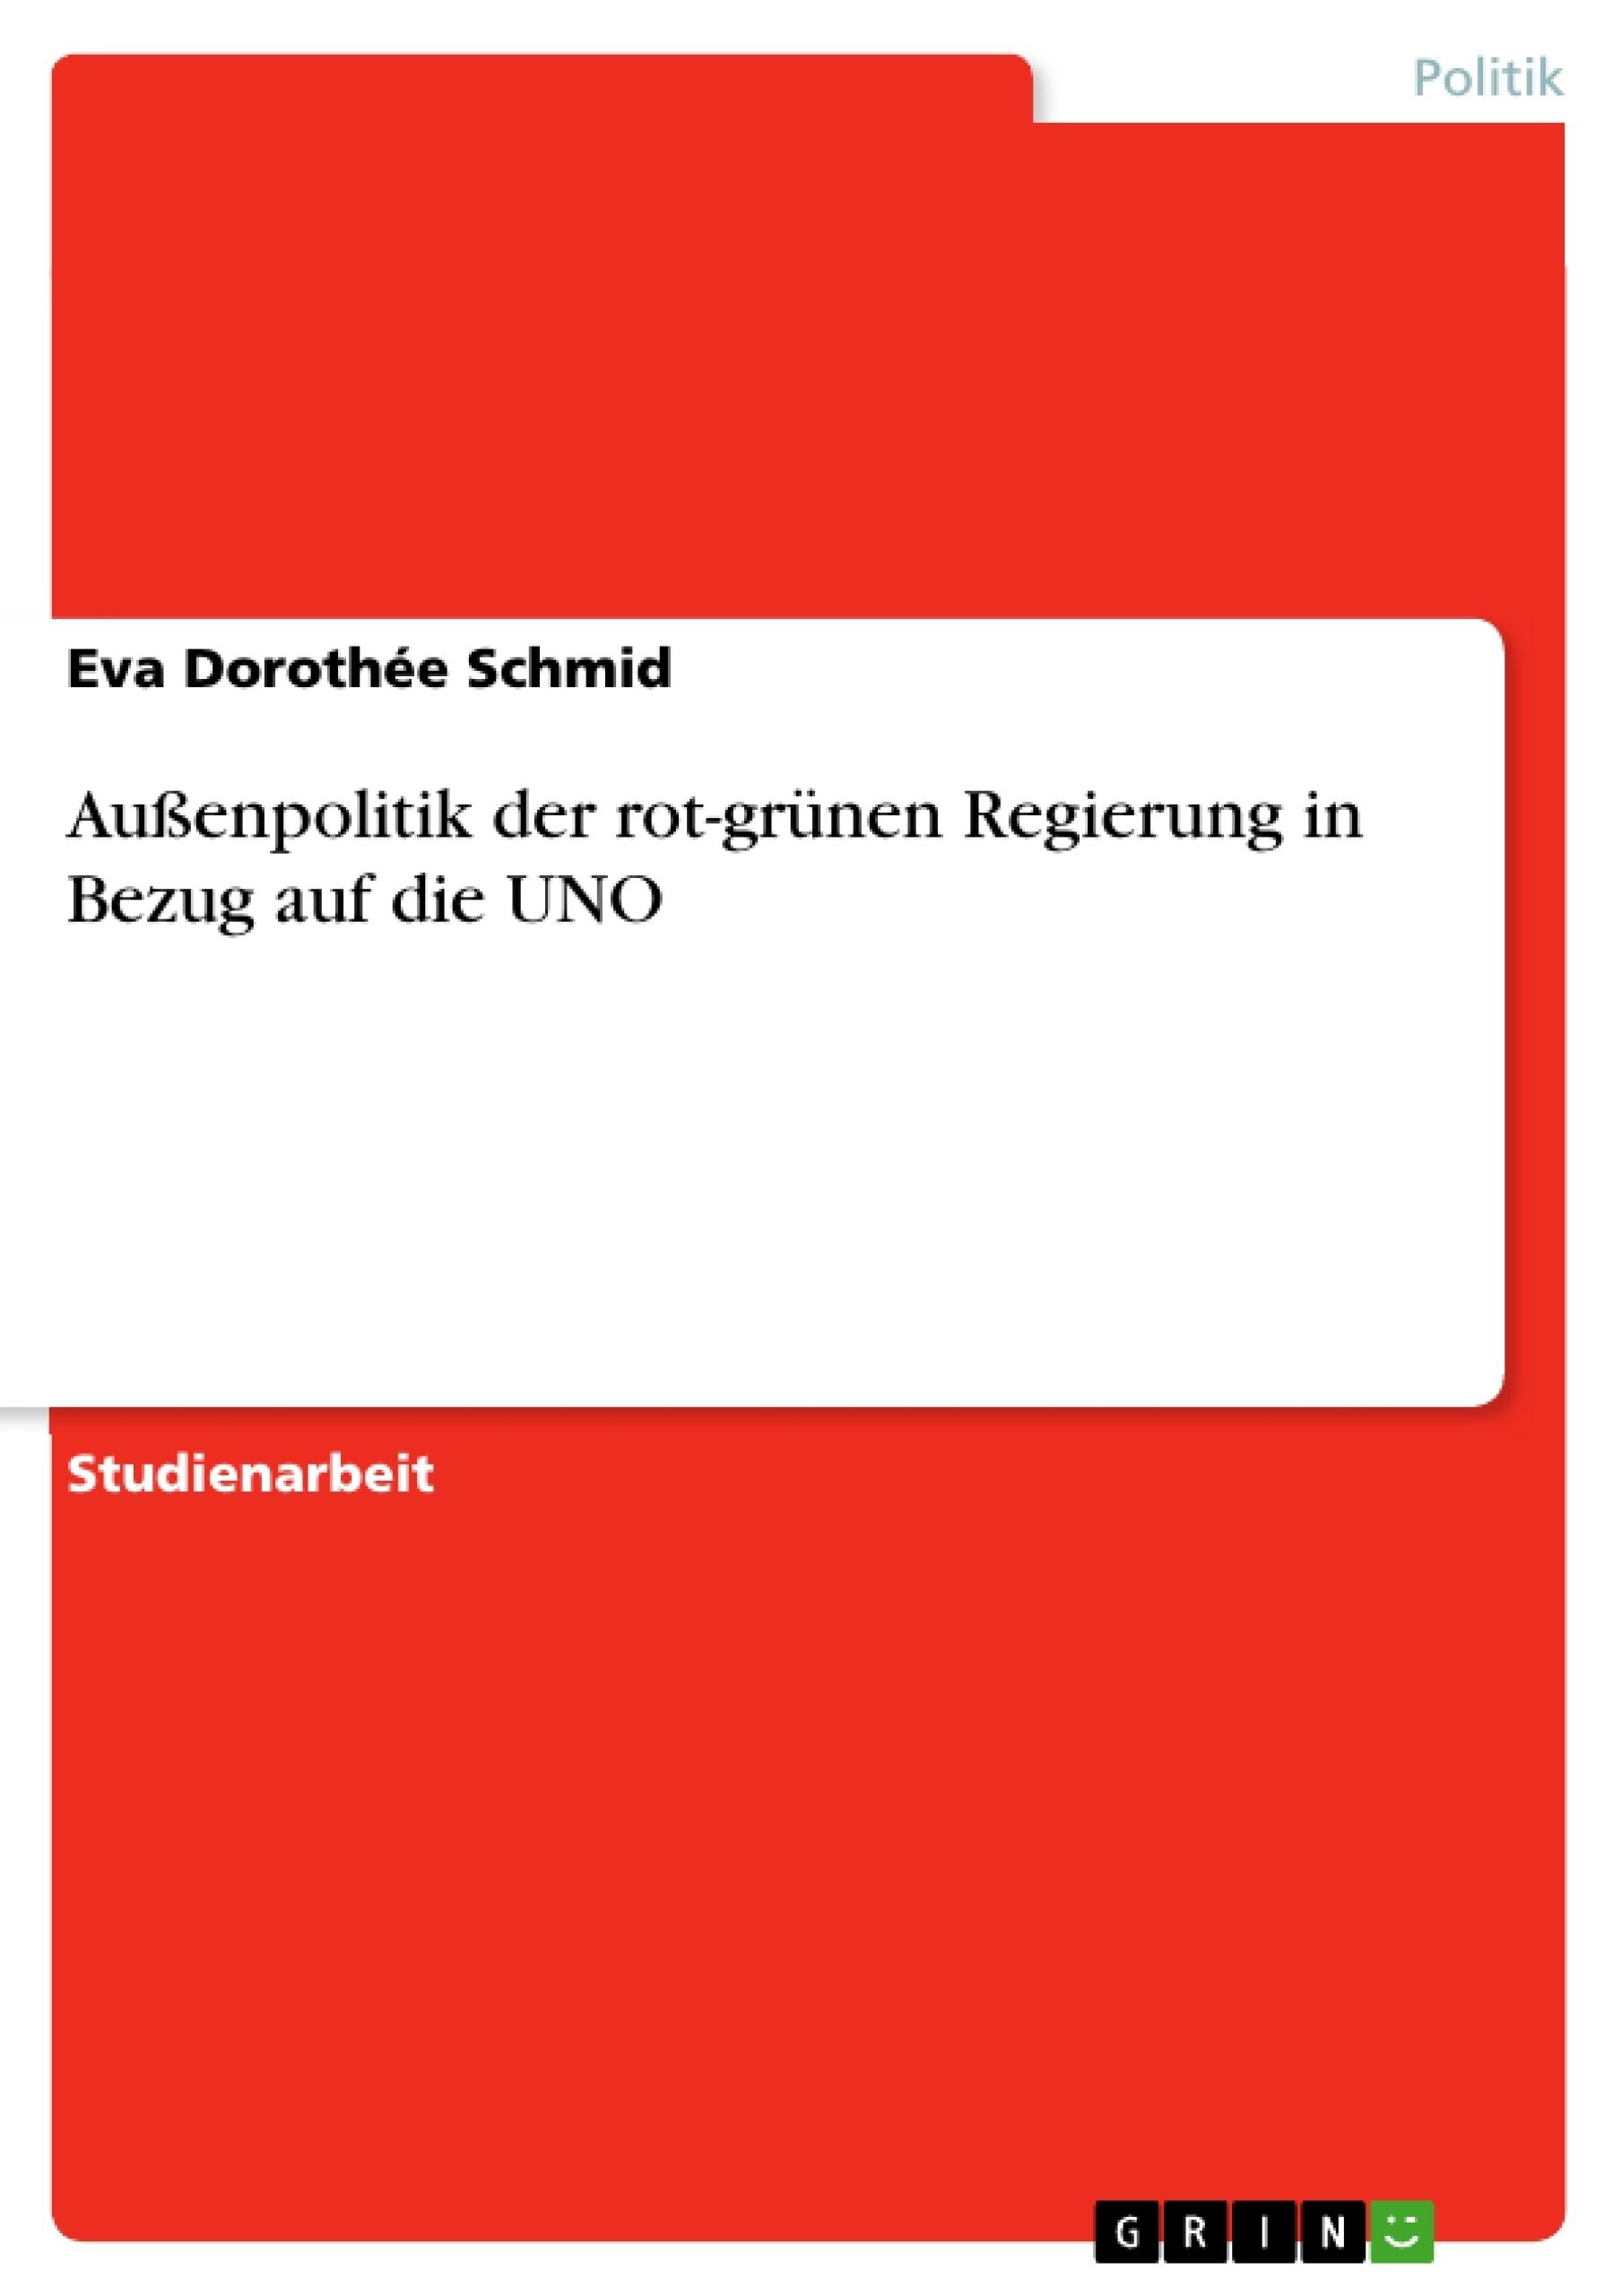 Titel: Außenpolitik der rot-grünen Regierung in Bezug auf die UNO